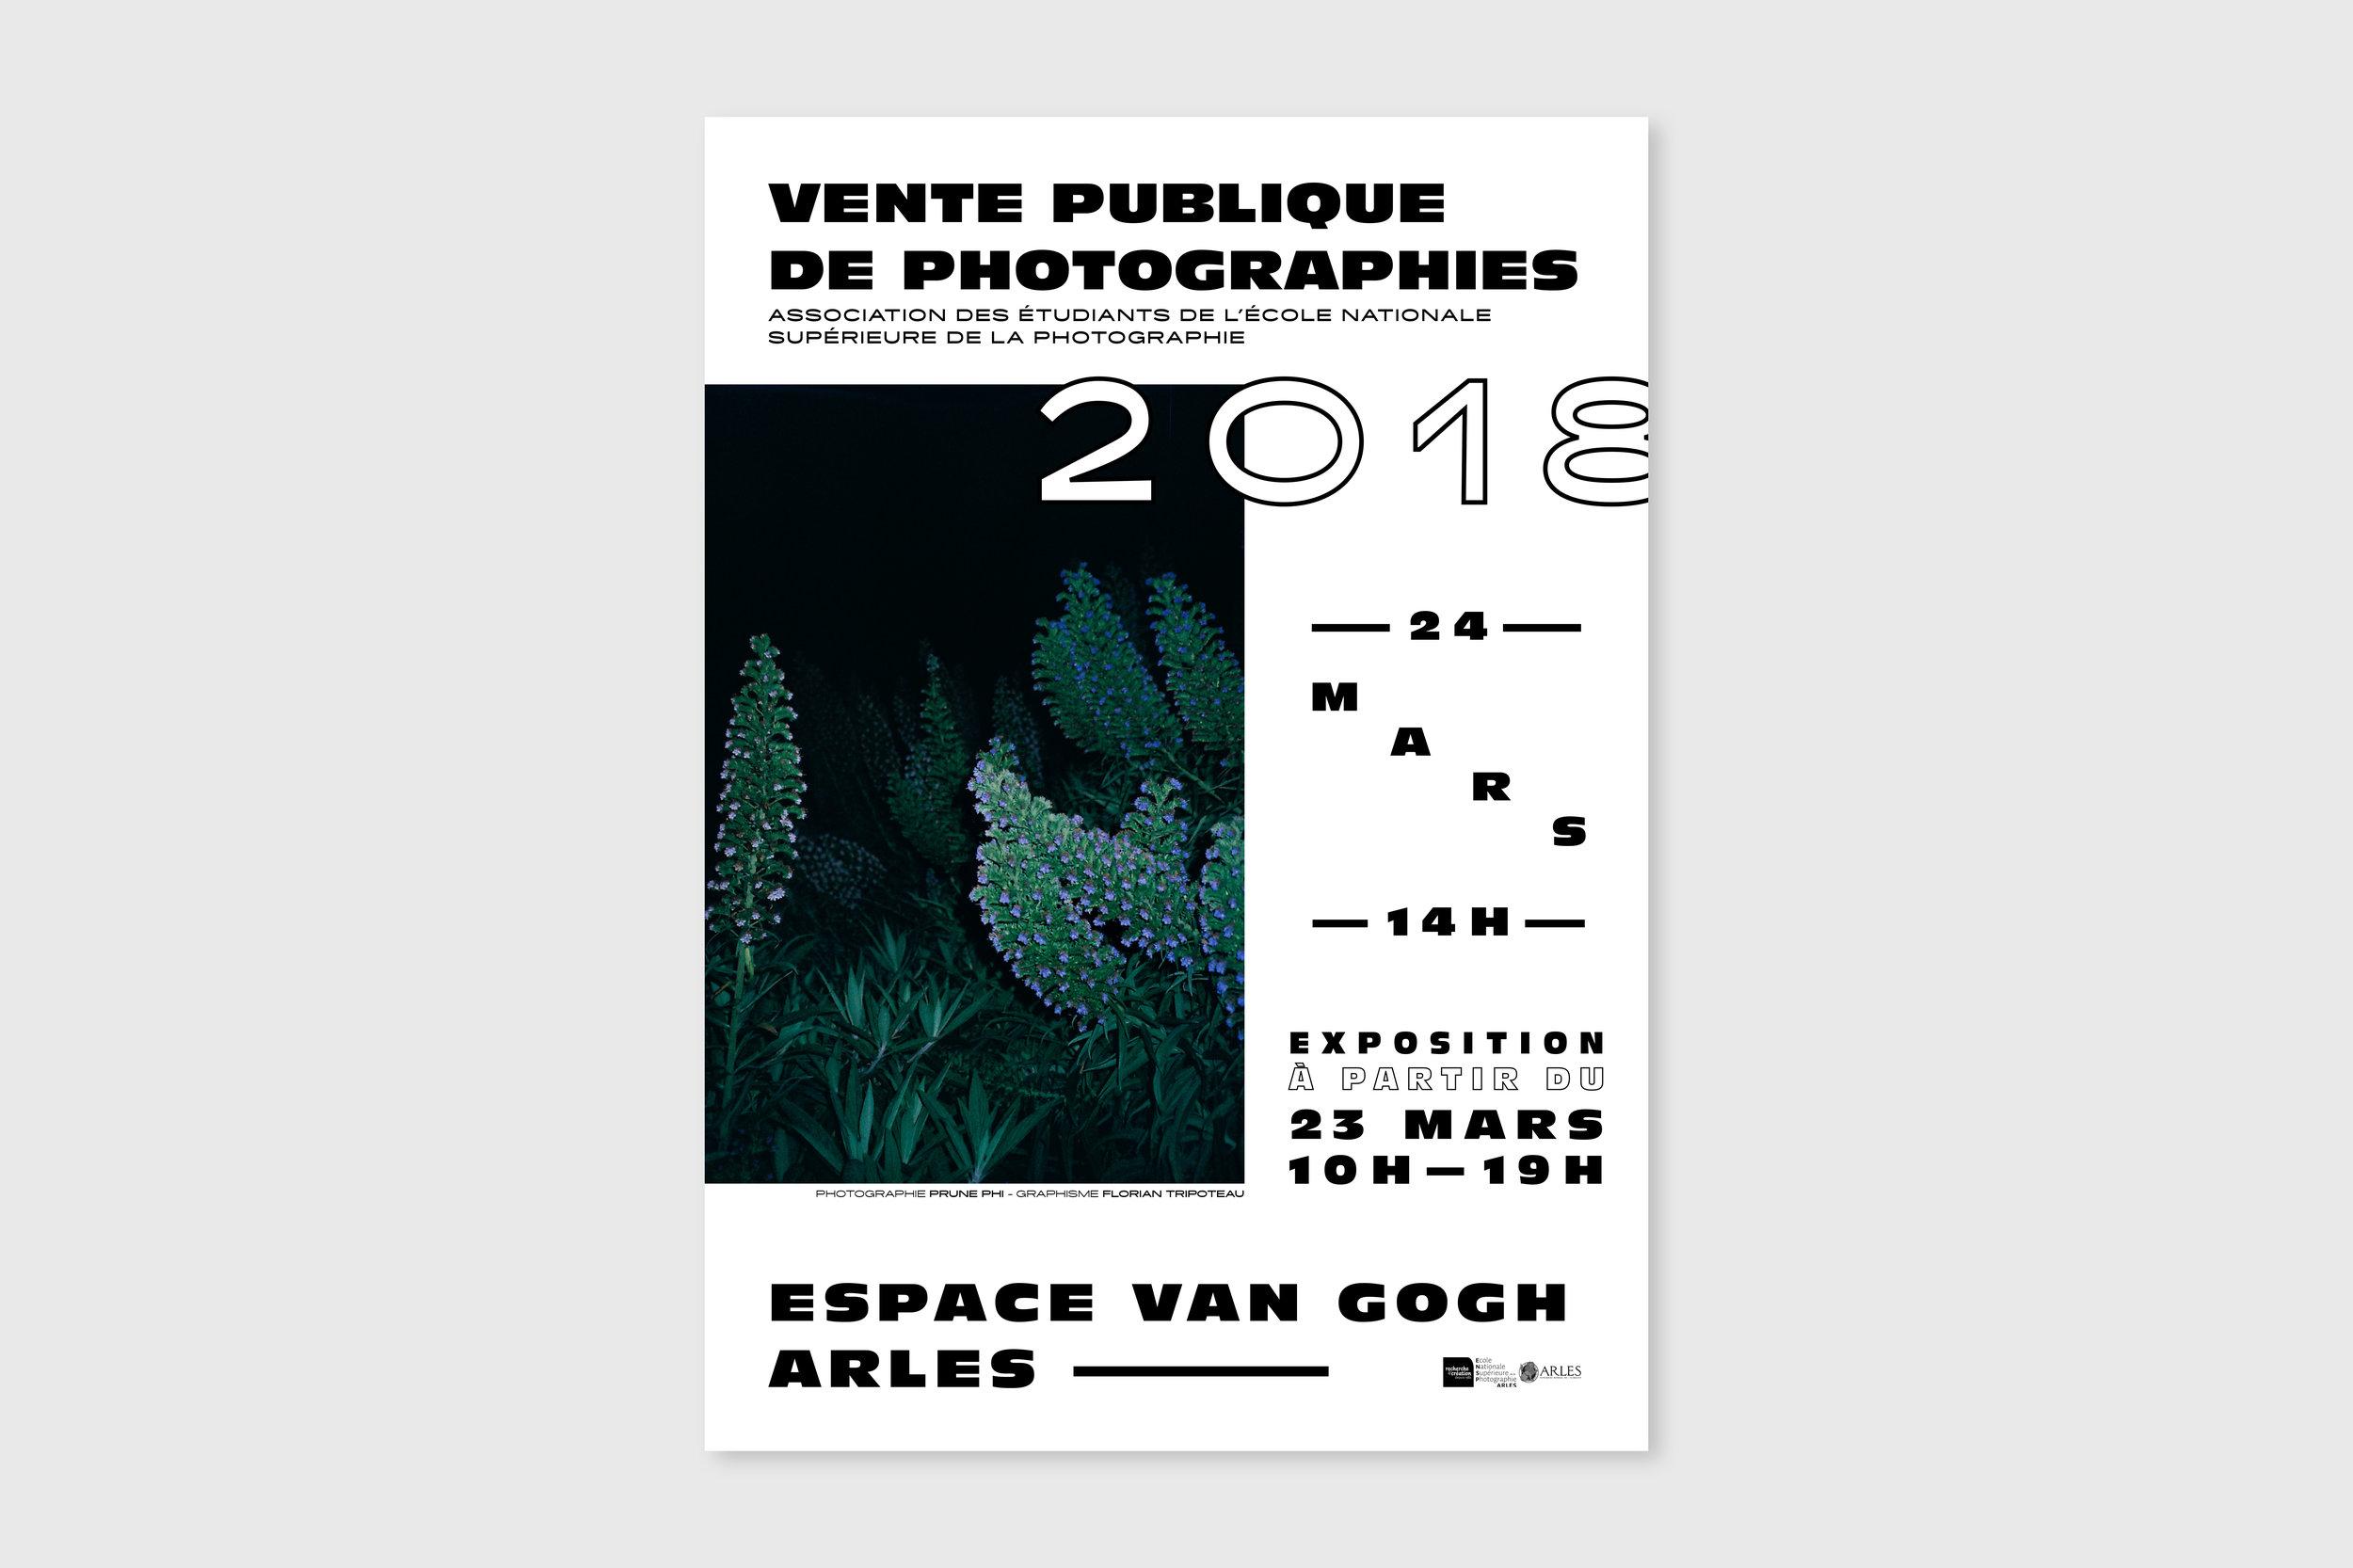 Affiche pour la vente publique de photographies organisée par l'association des étudiants de l'École Nationale Supérieure de la Photographie, Arles, 2018